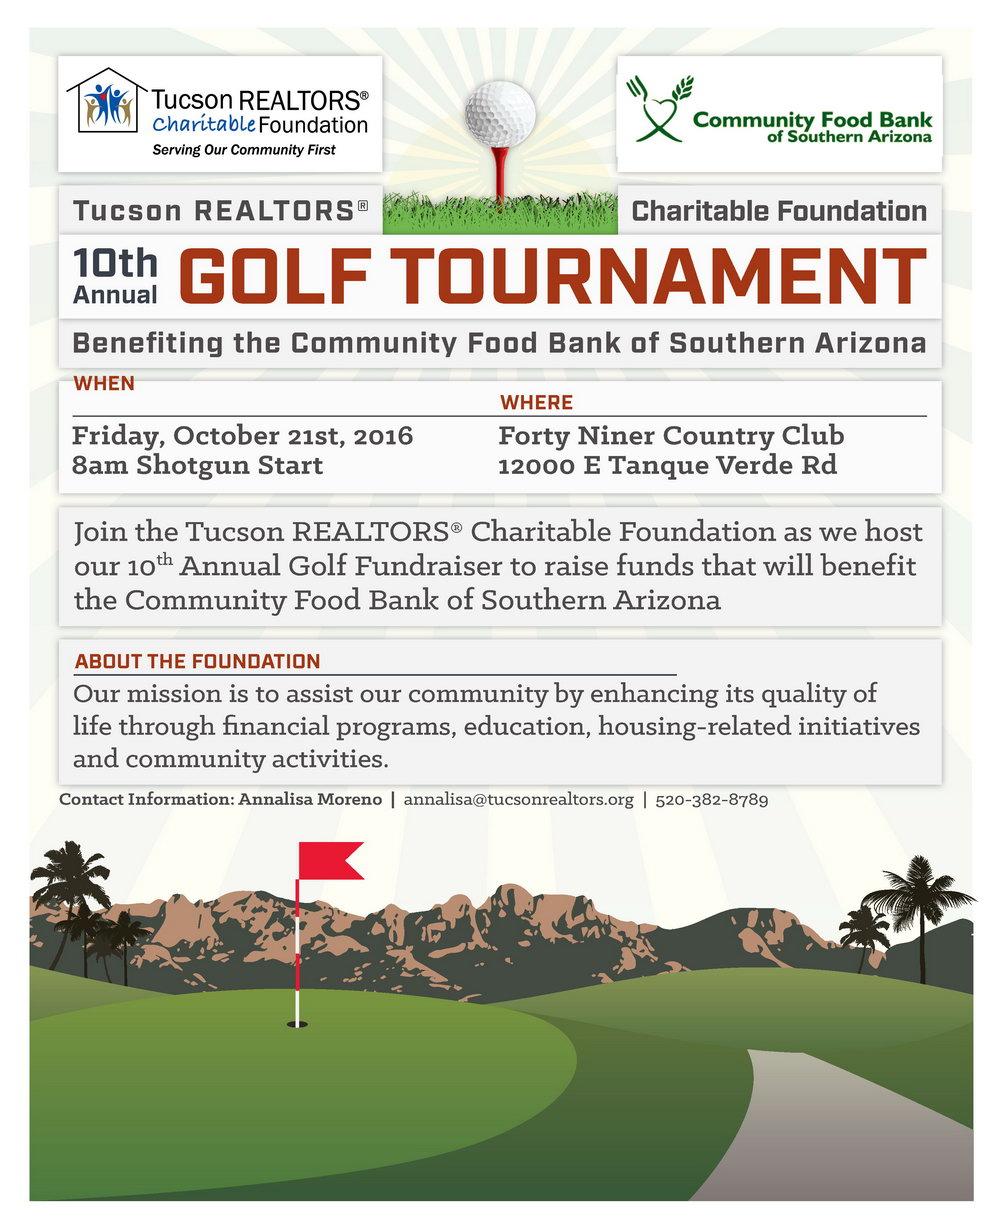 Golf Tournament Fundraiser Flyer Template